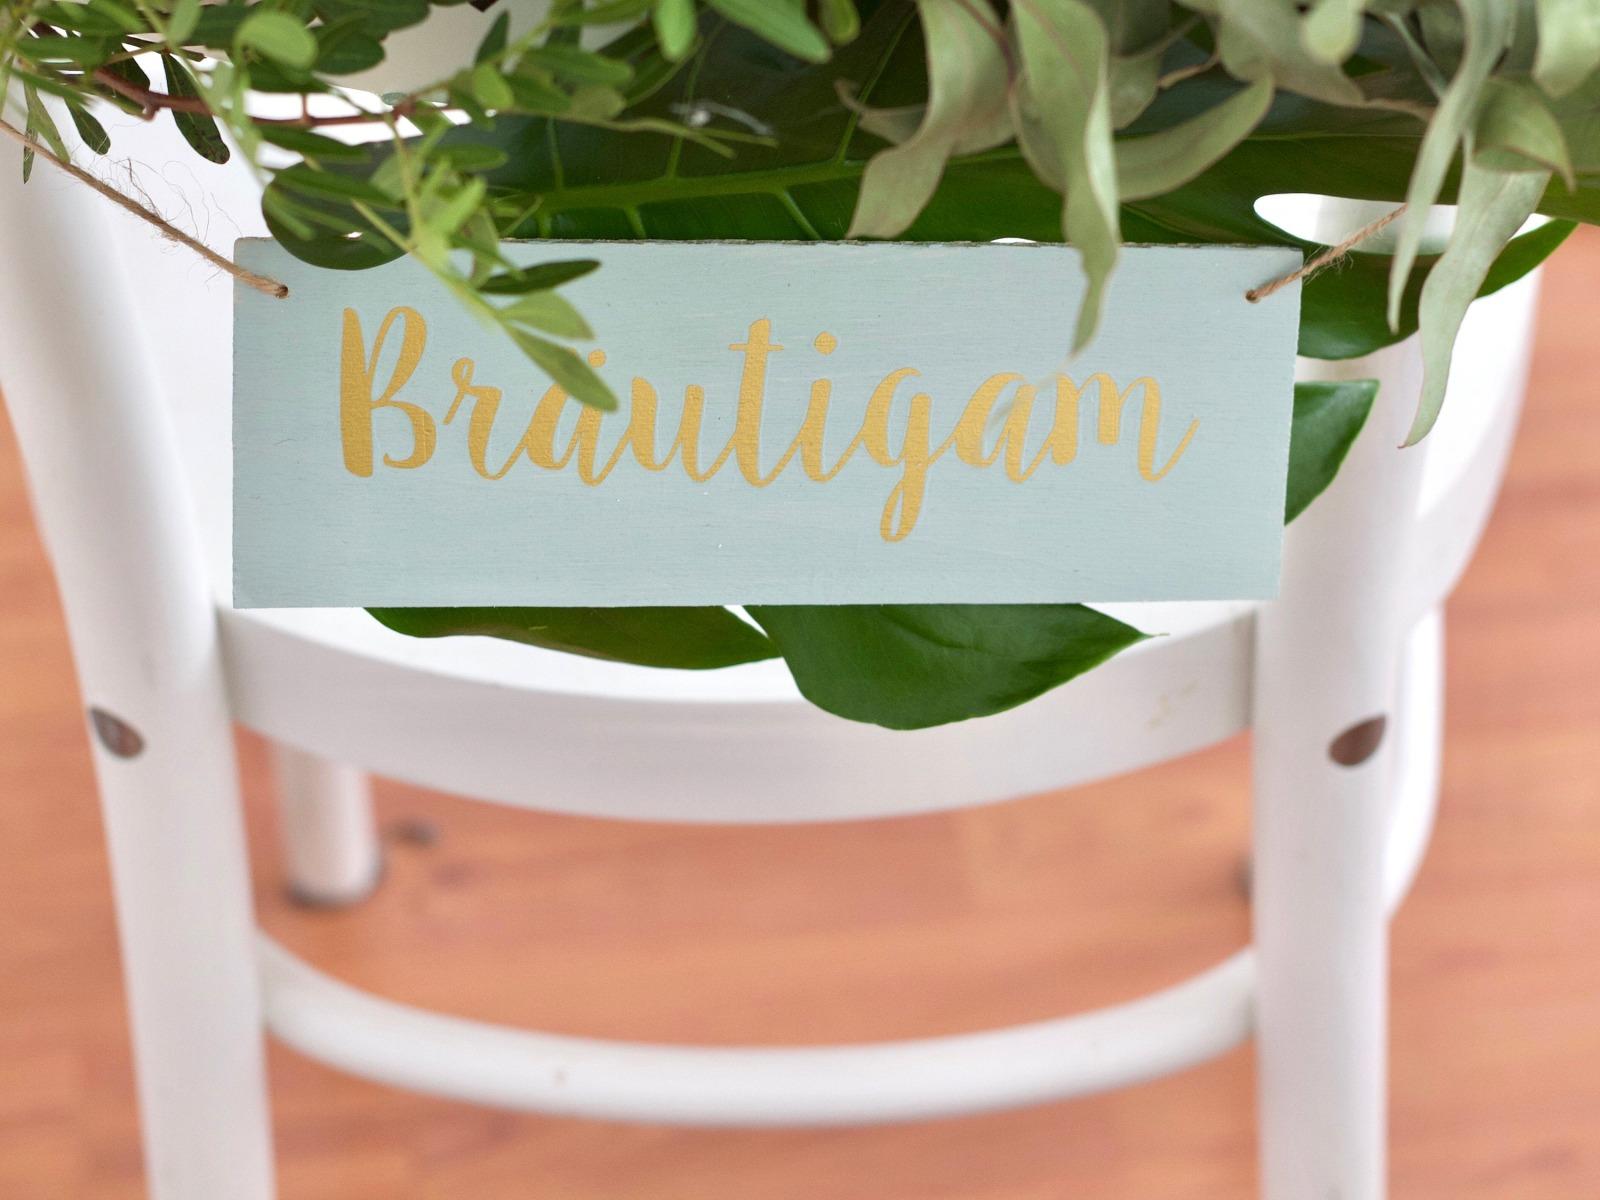 Stuhldeko aus Holz für Brautpaar-Stühle goldene